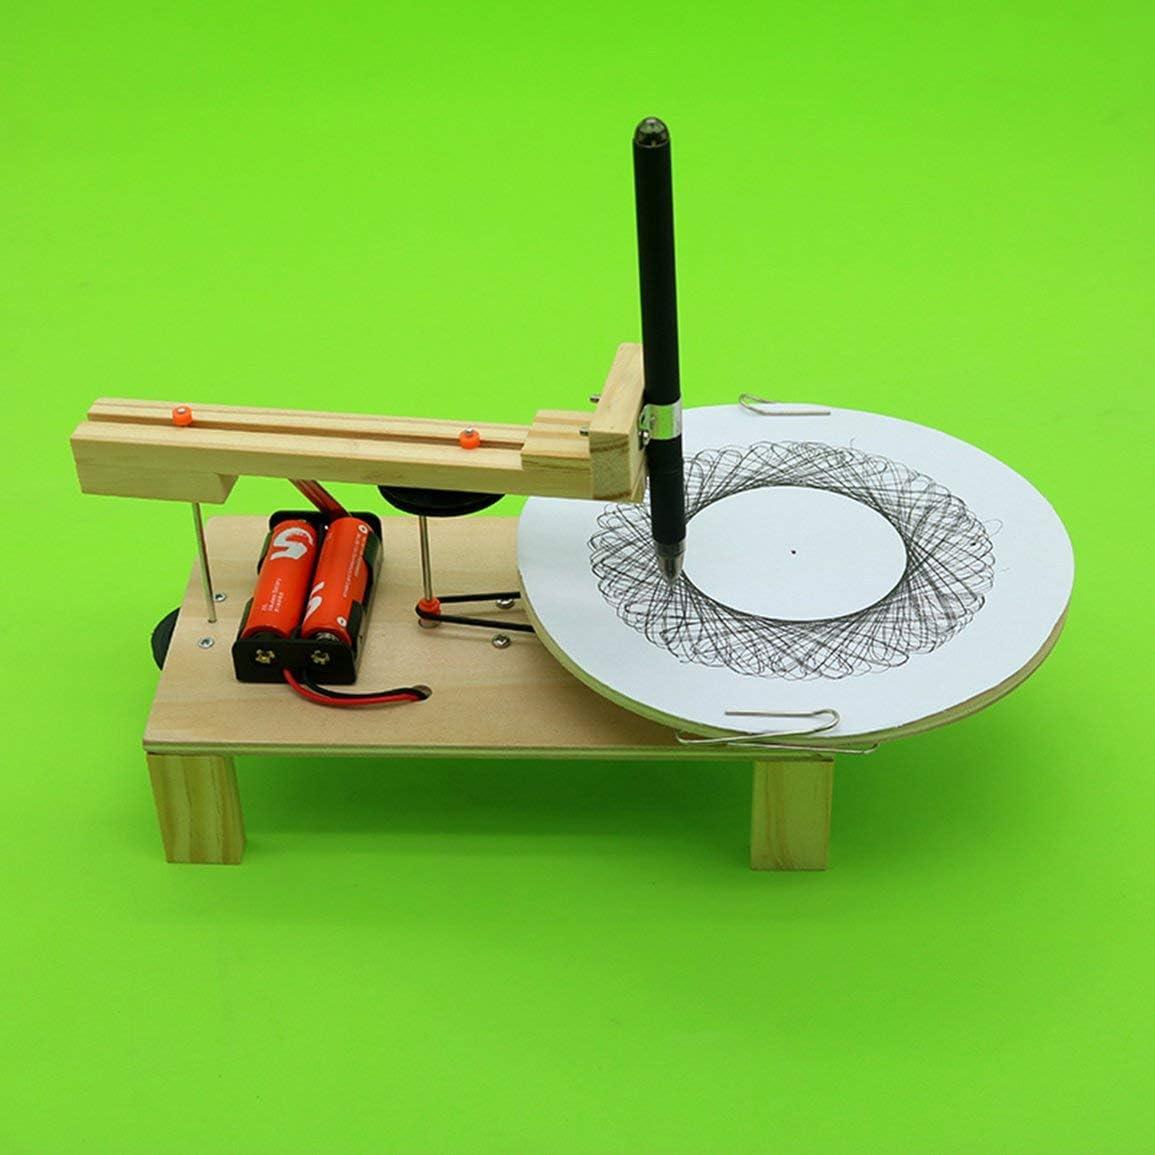 Fantasyworld Bricolaje eléctrico Plotter Dibujo del Robot Kit de Física Experimento científico invenciones Creativas Ensamble Modelo de Juguete para niños: Amazon.es: Juguetes y juegos